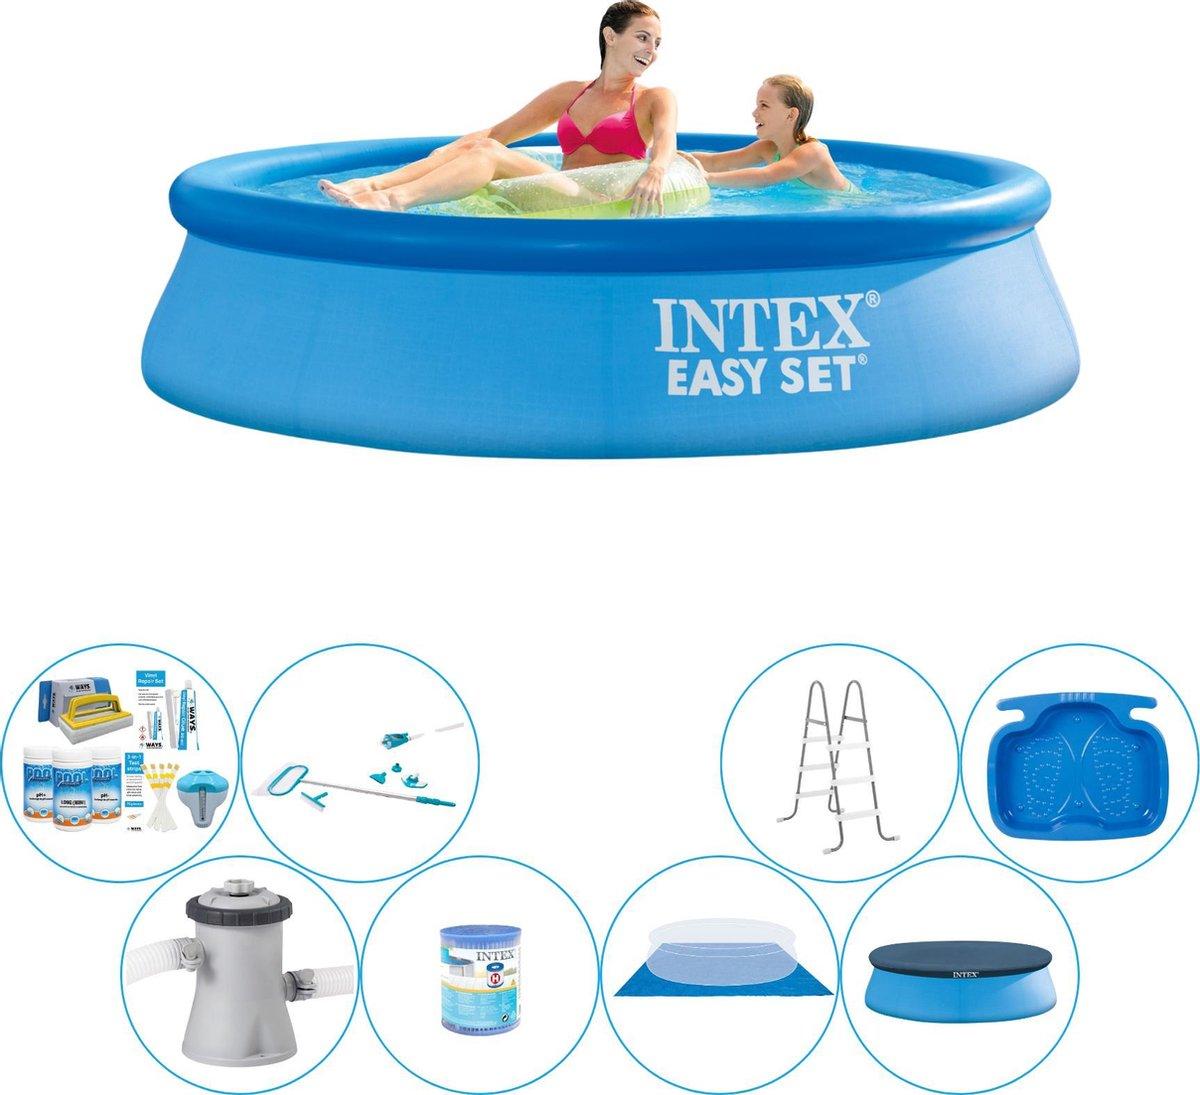 Intex Easy Set Rond 244x61 cm - Alles in 1 Zwembad Pakket